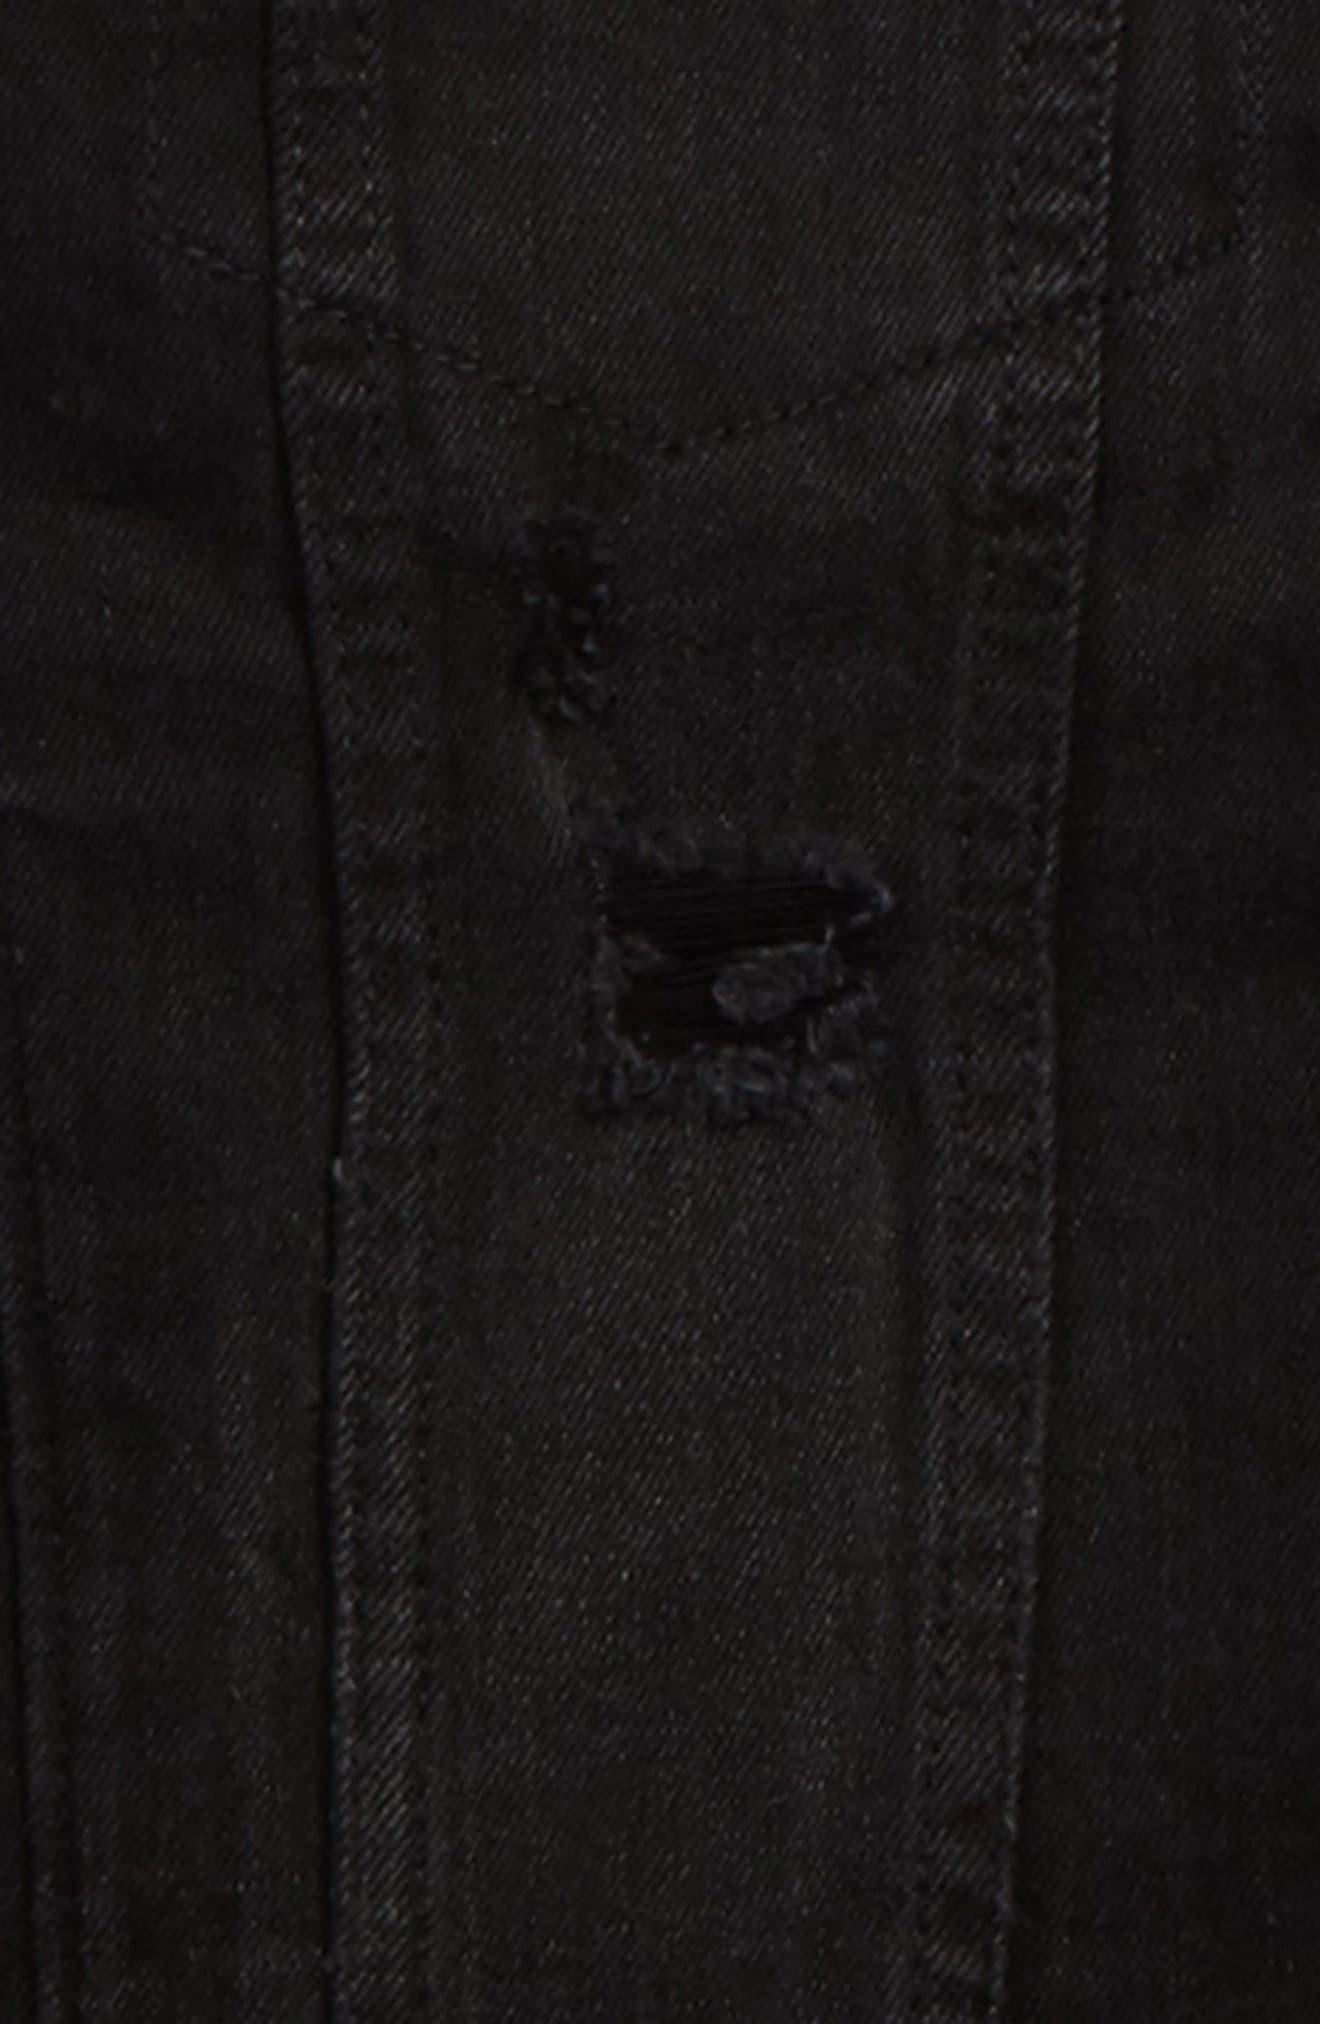 Alternate Image 2  - Treasure & Bond Distressed Denim Hooded Jacket (Big Boys)